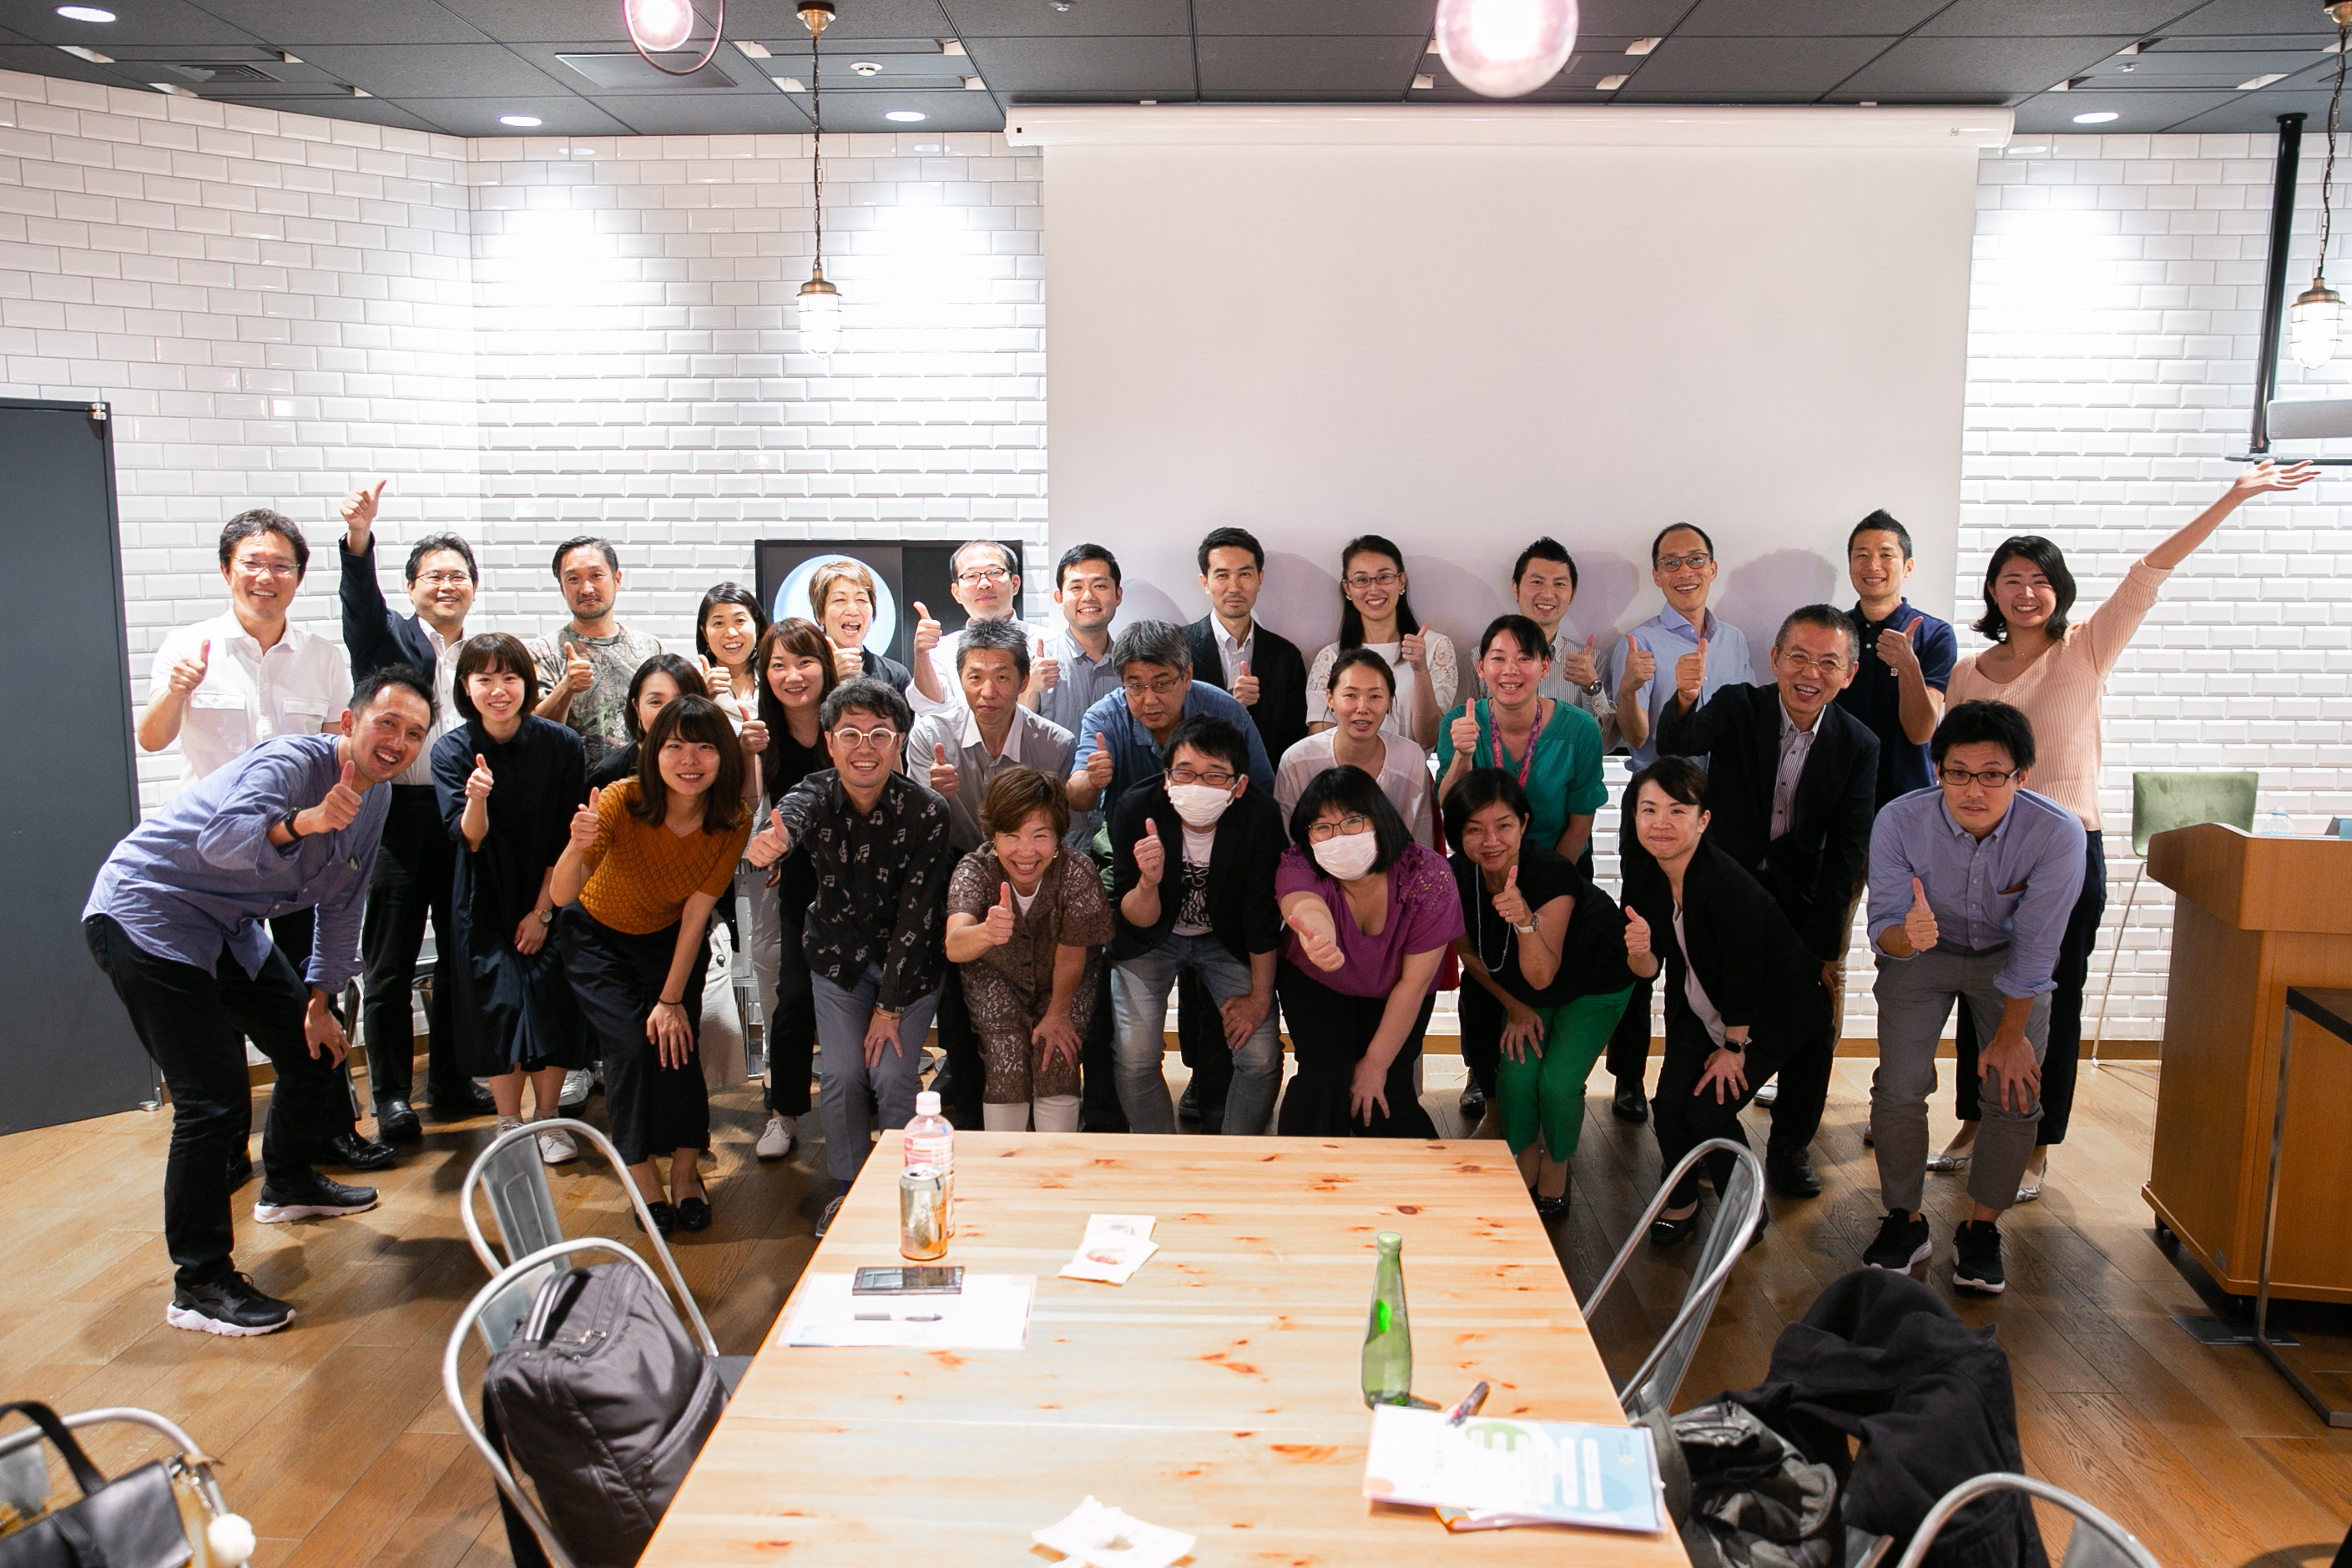 2019.09.25 イベントレポート 変革期を乗り越えて成長する組織 〜未来へ向けたミッション・ビジョン・バリューの活かし方とは?〜